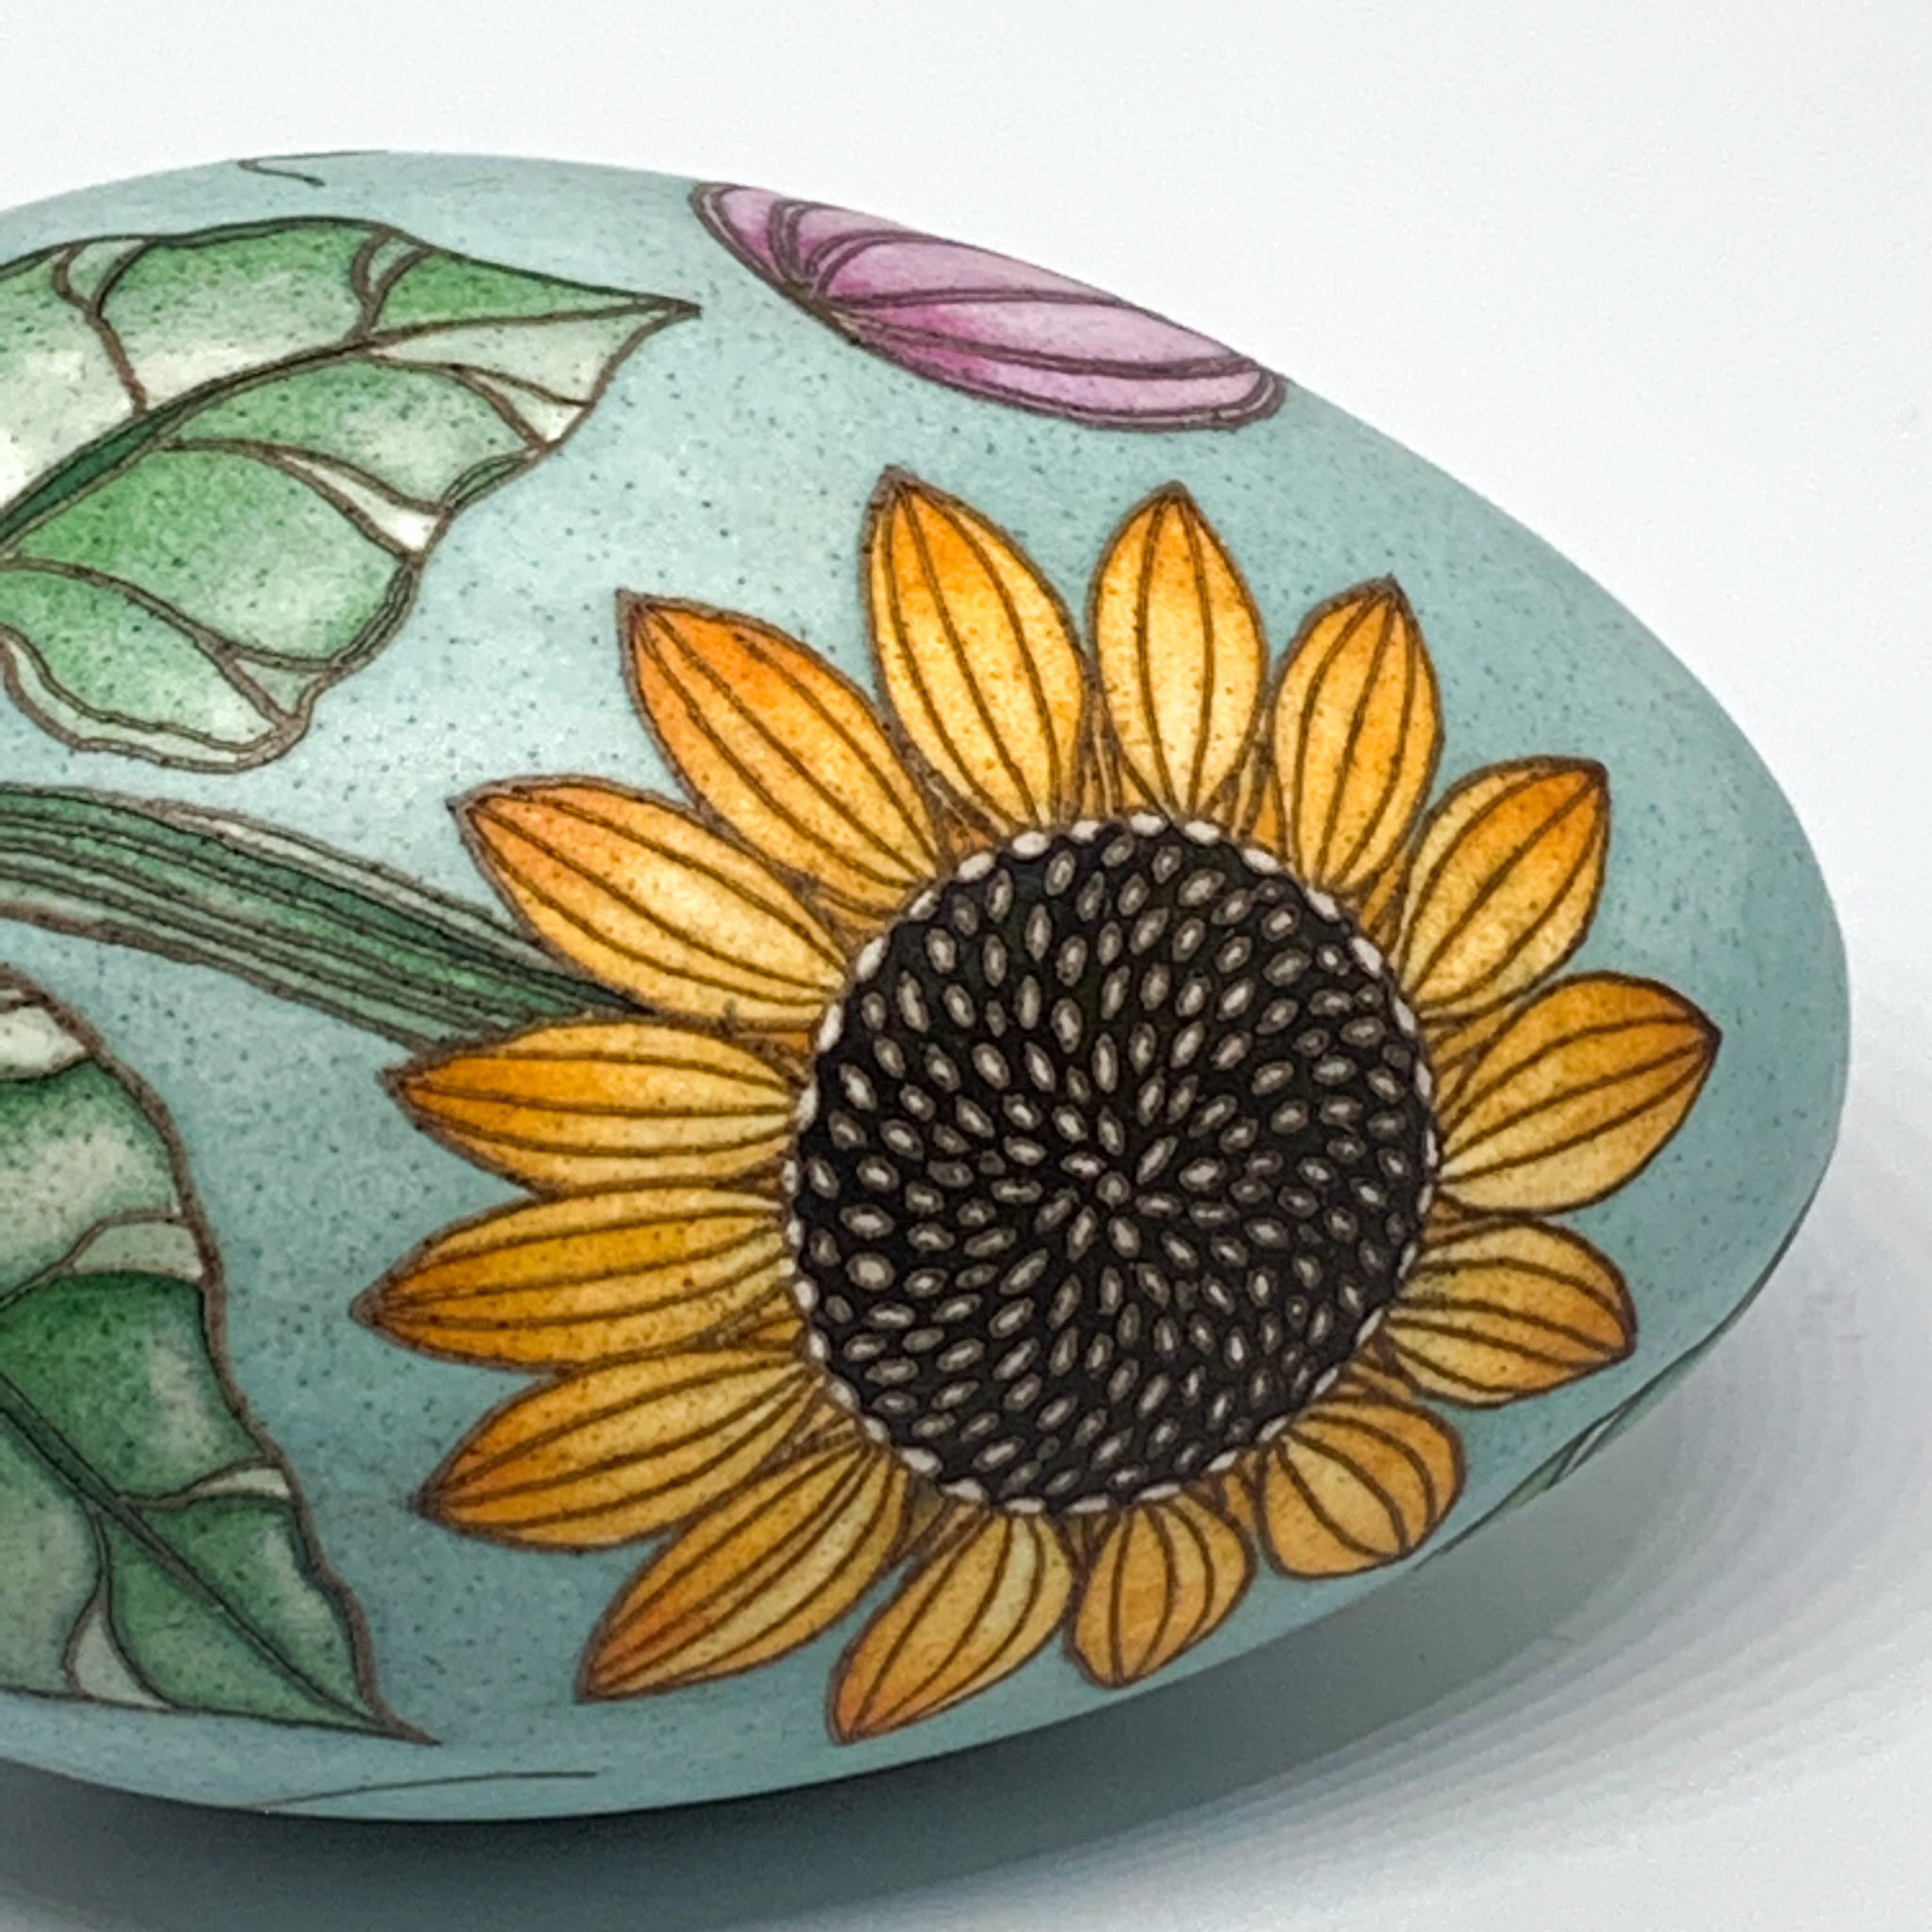 Gardening egg